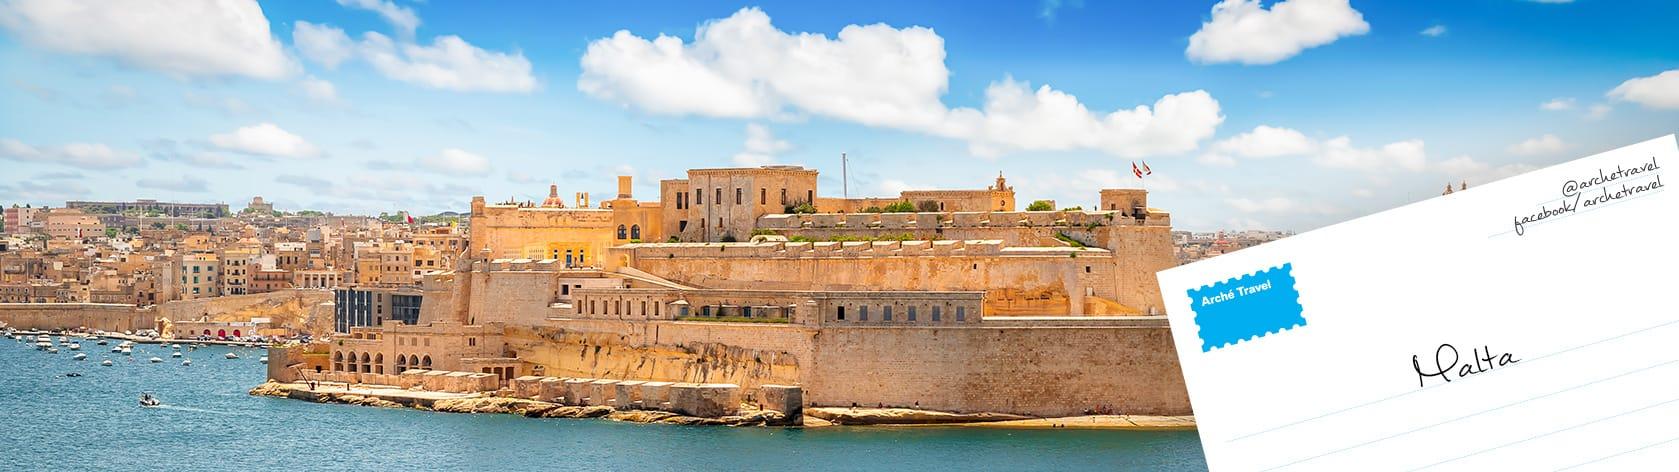 Blog malta - Guida di Viaggio malta - Blog di Viaggio malta